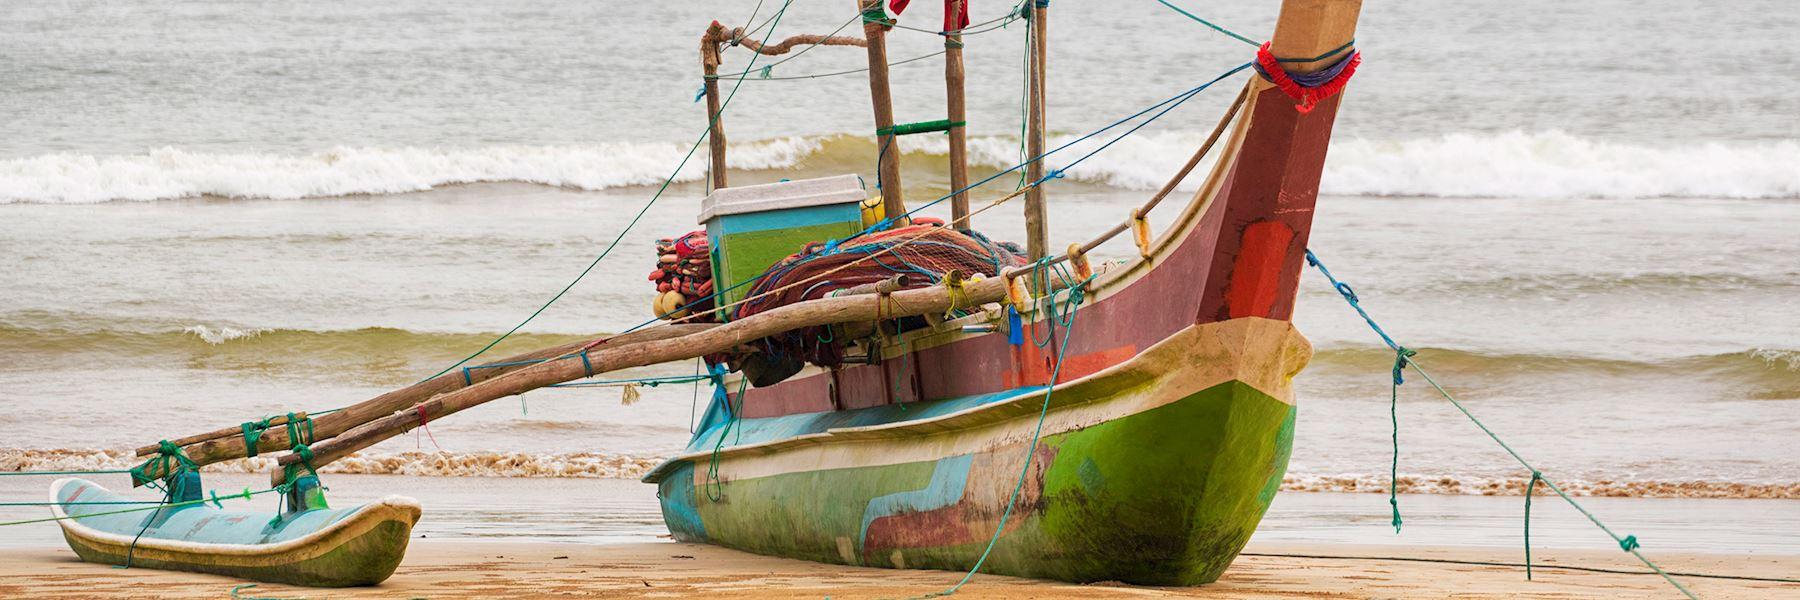 Sri Lanka trip ideas